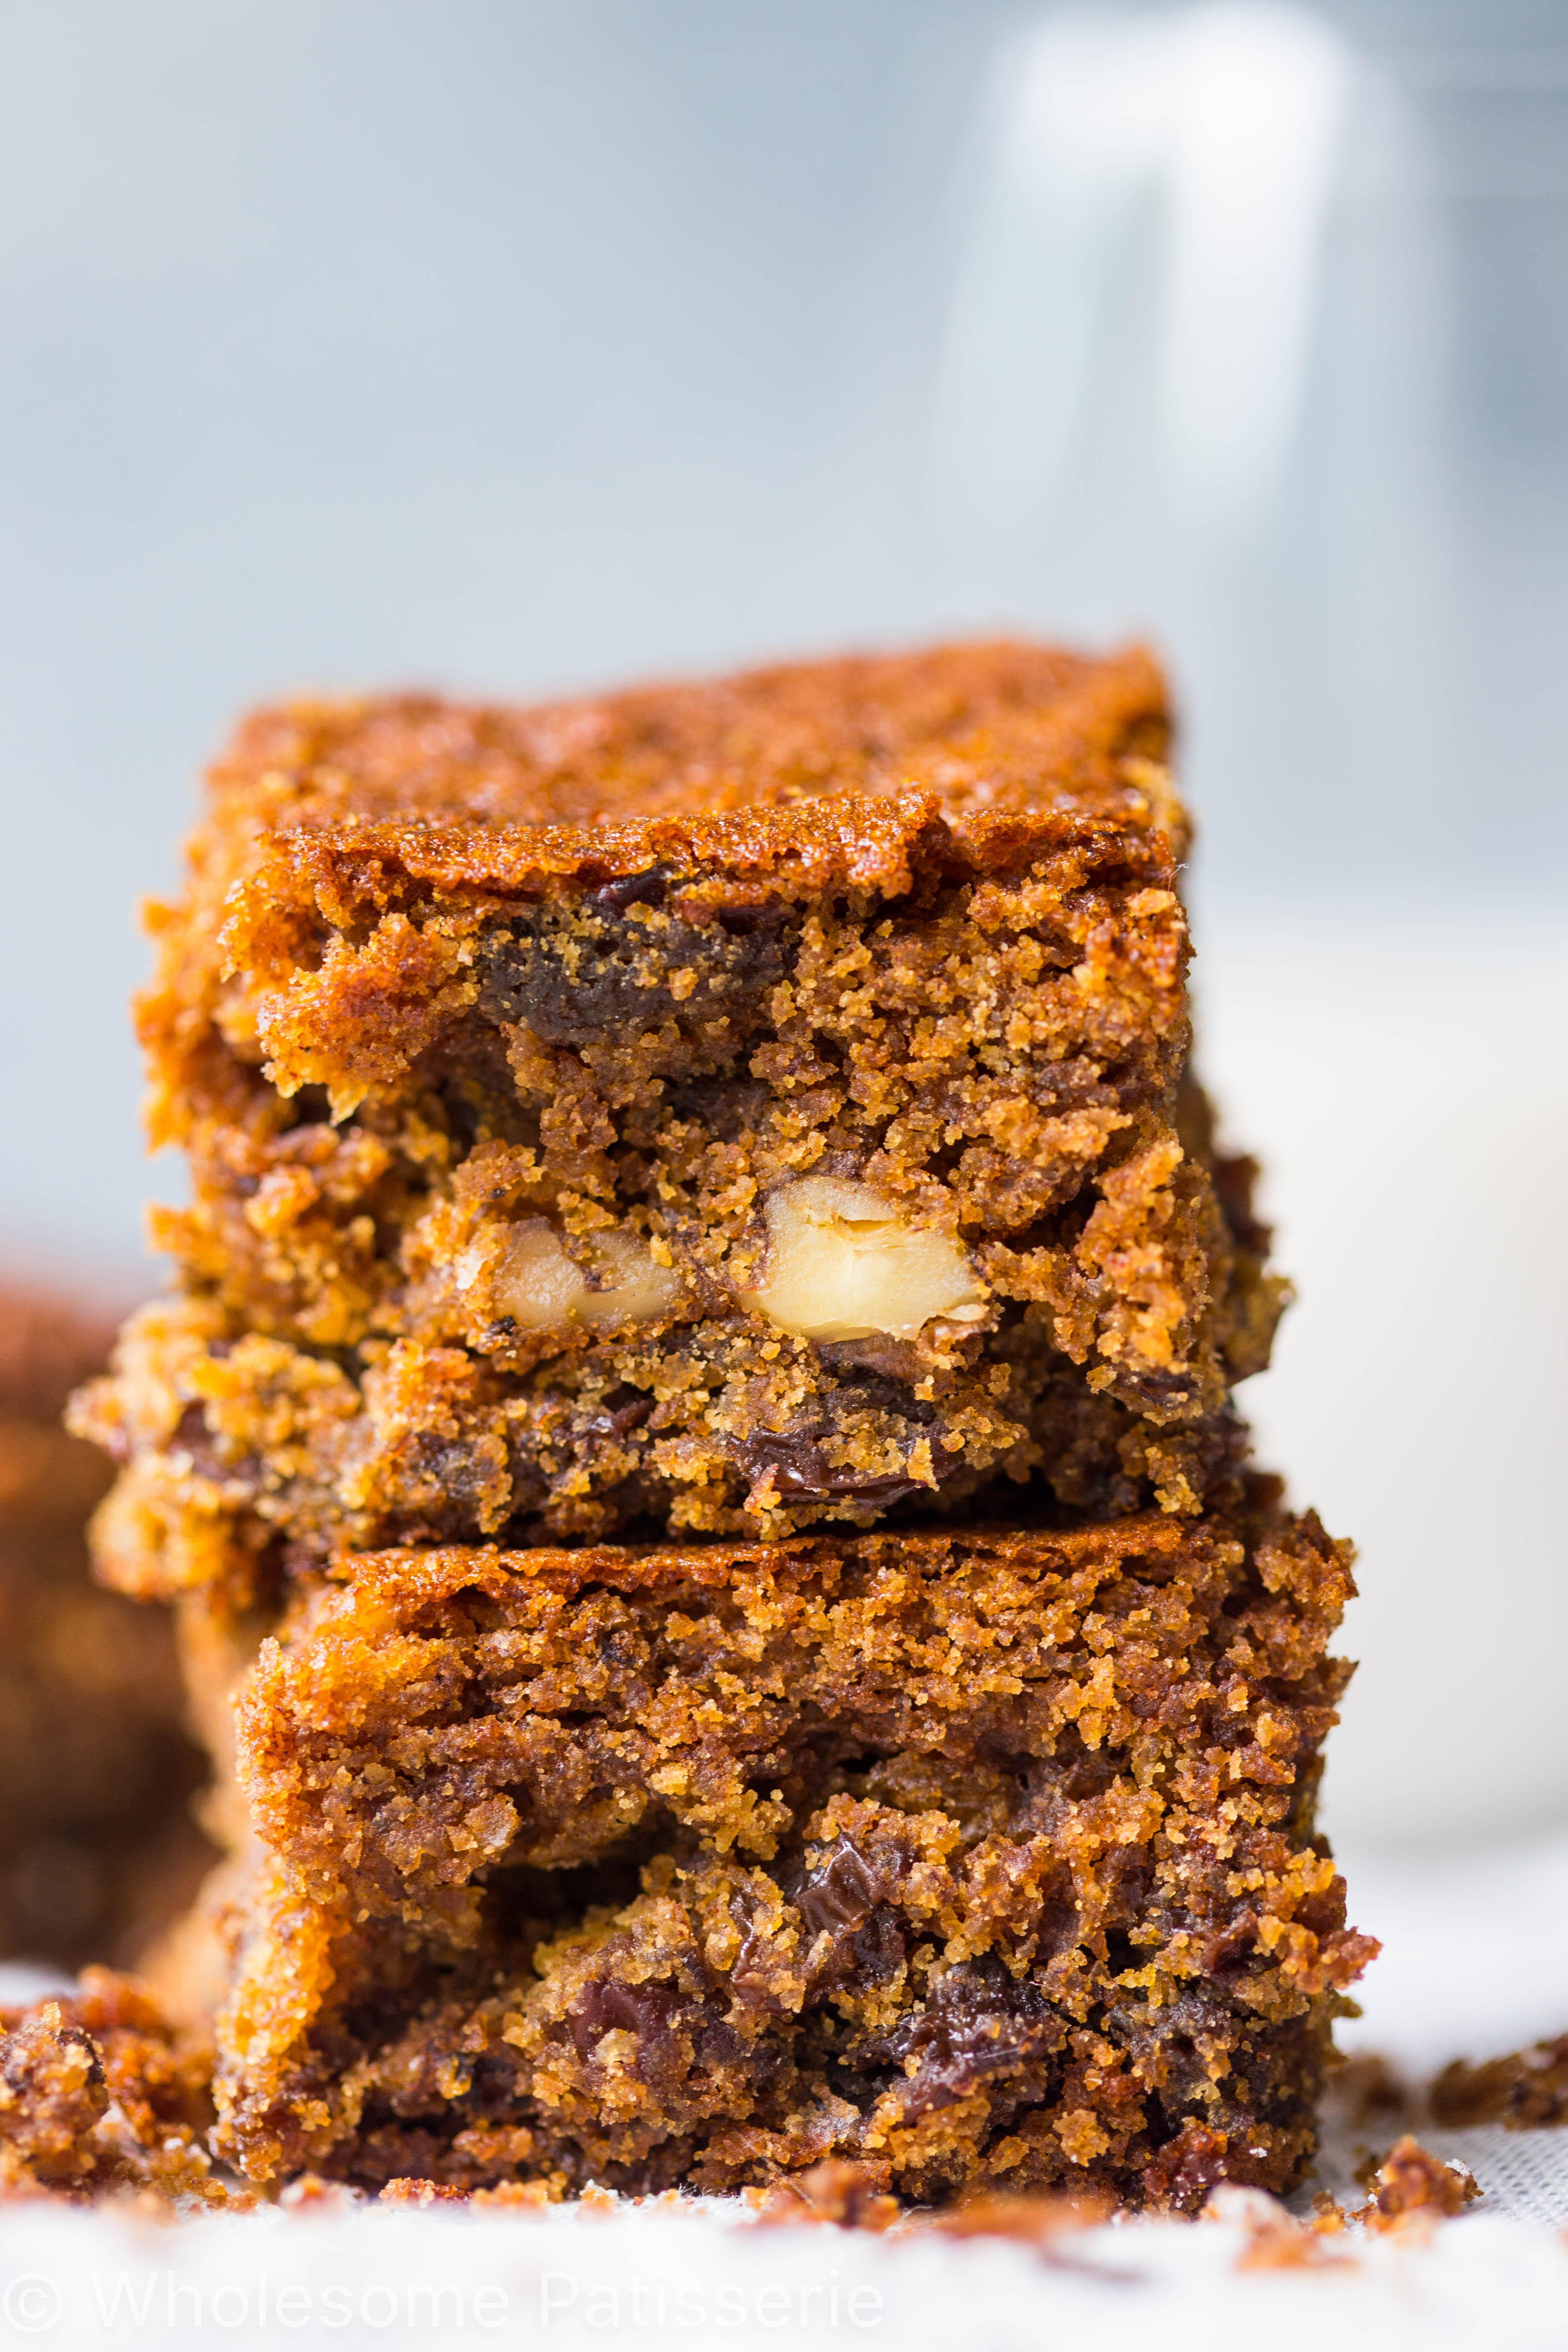 gluten-free-raisin-walnut-cake-loaf-delicious-fruit-cake-christmas-festive-the-holidays-cake